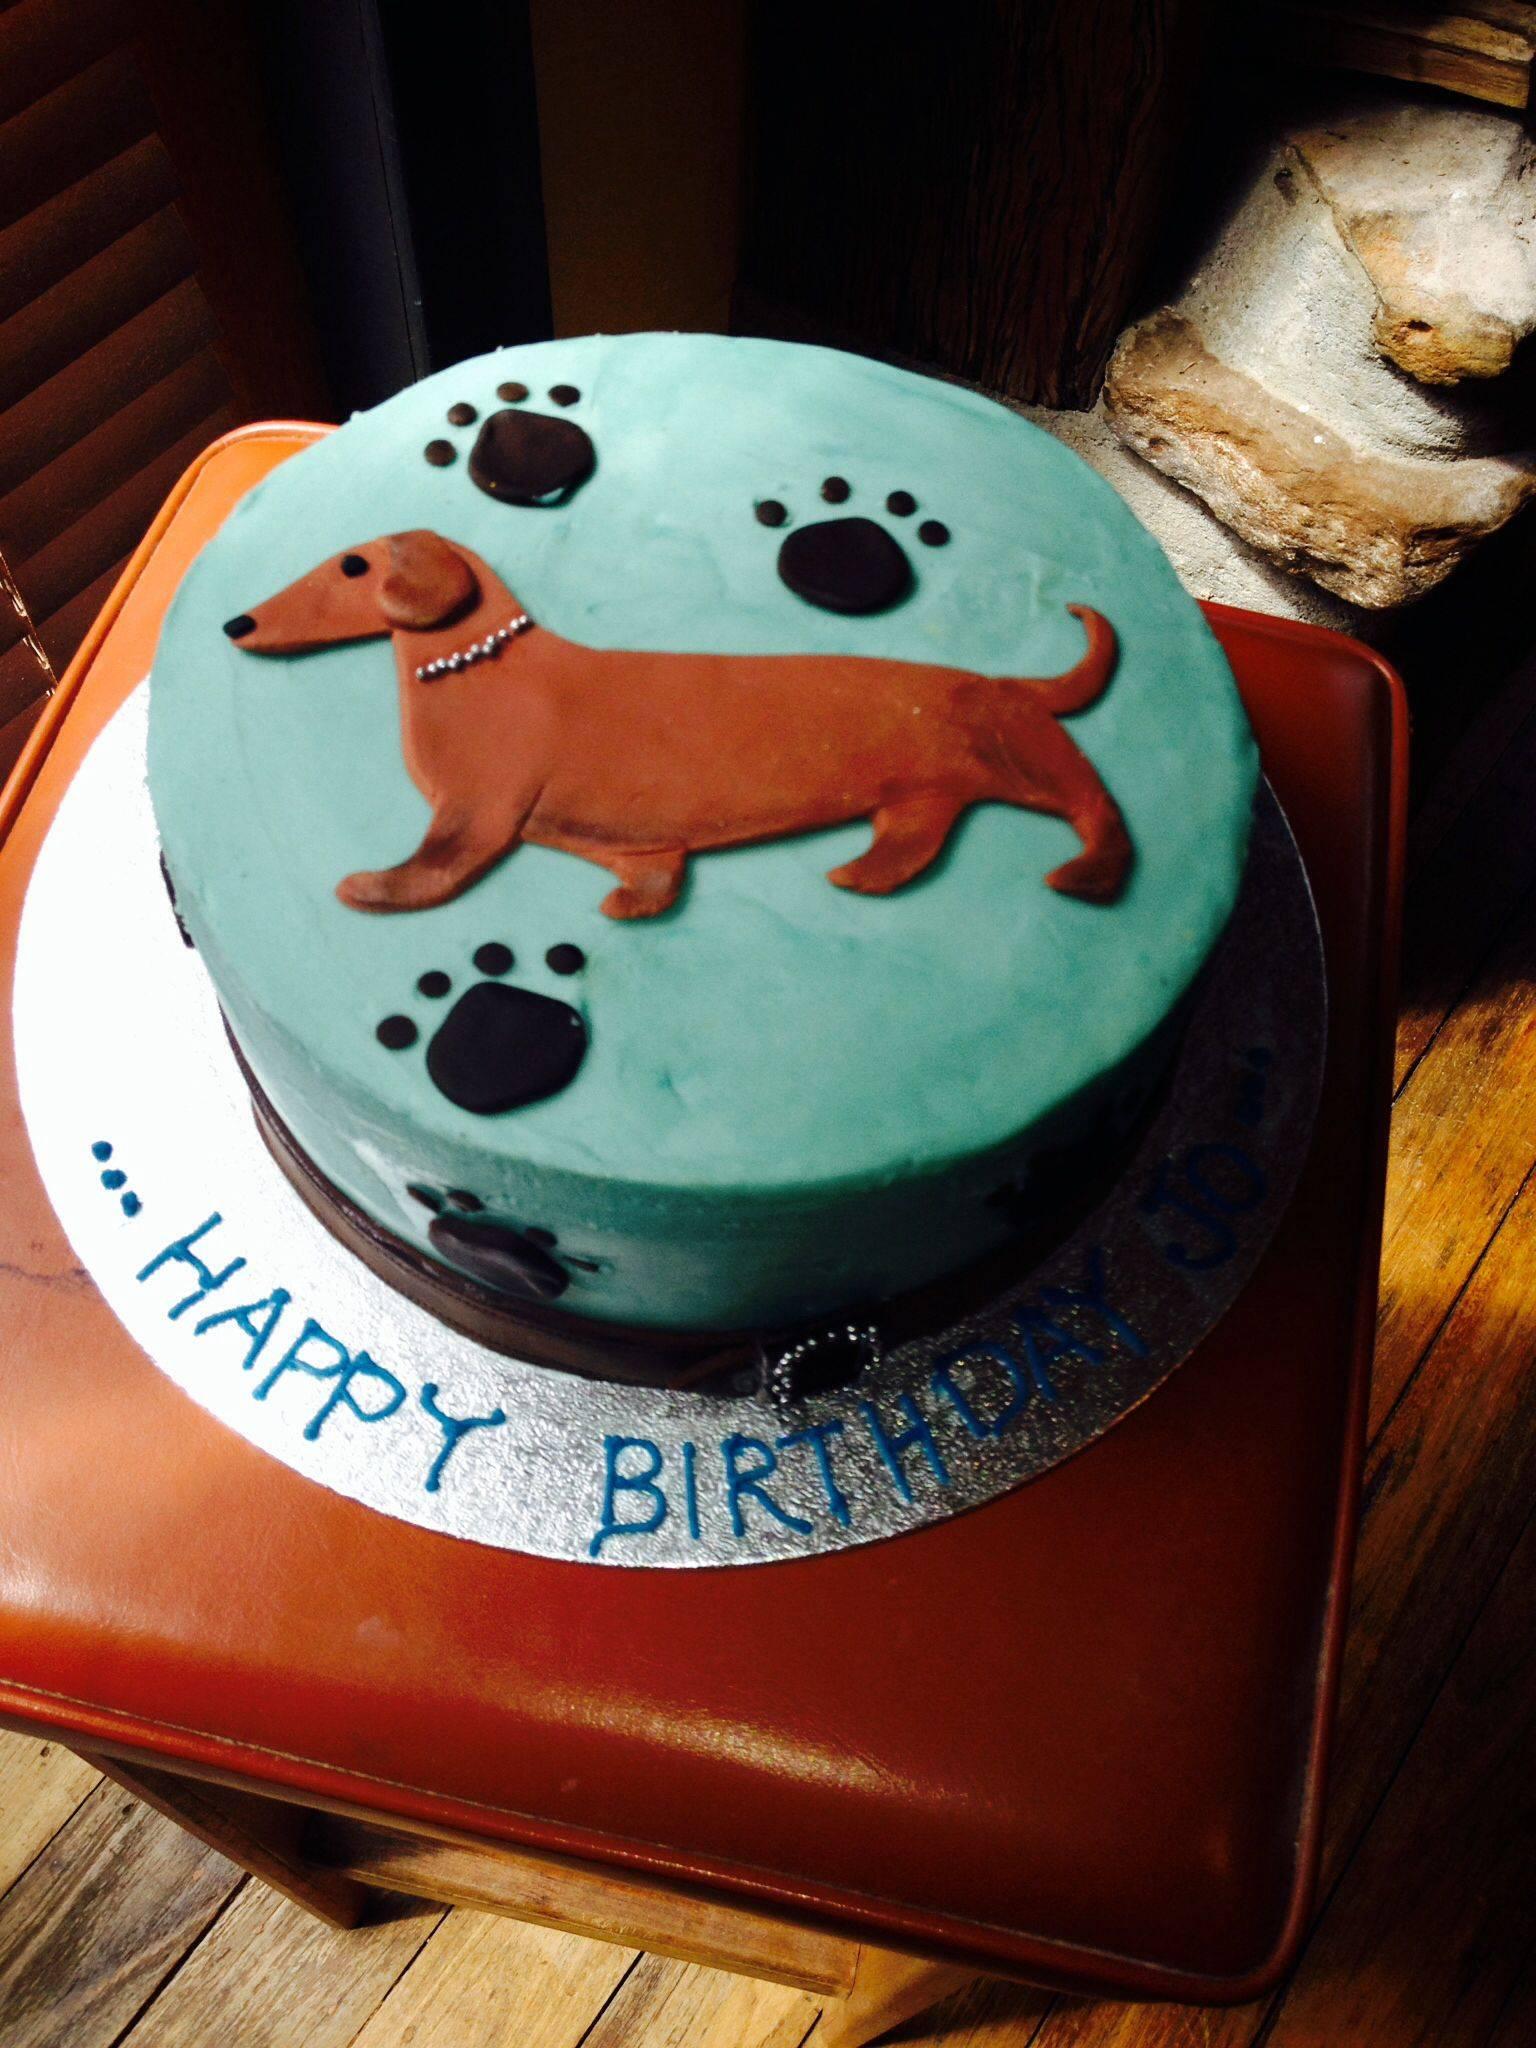 Рецепты вкусных классических тортов на день рождения в домашних условиях (с фото)